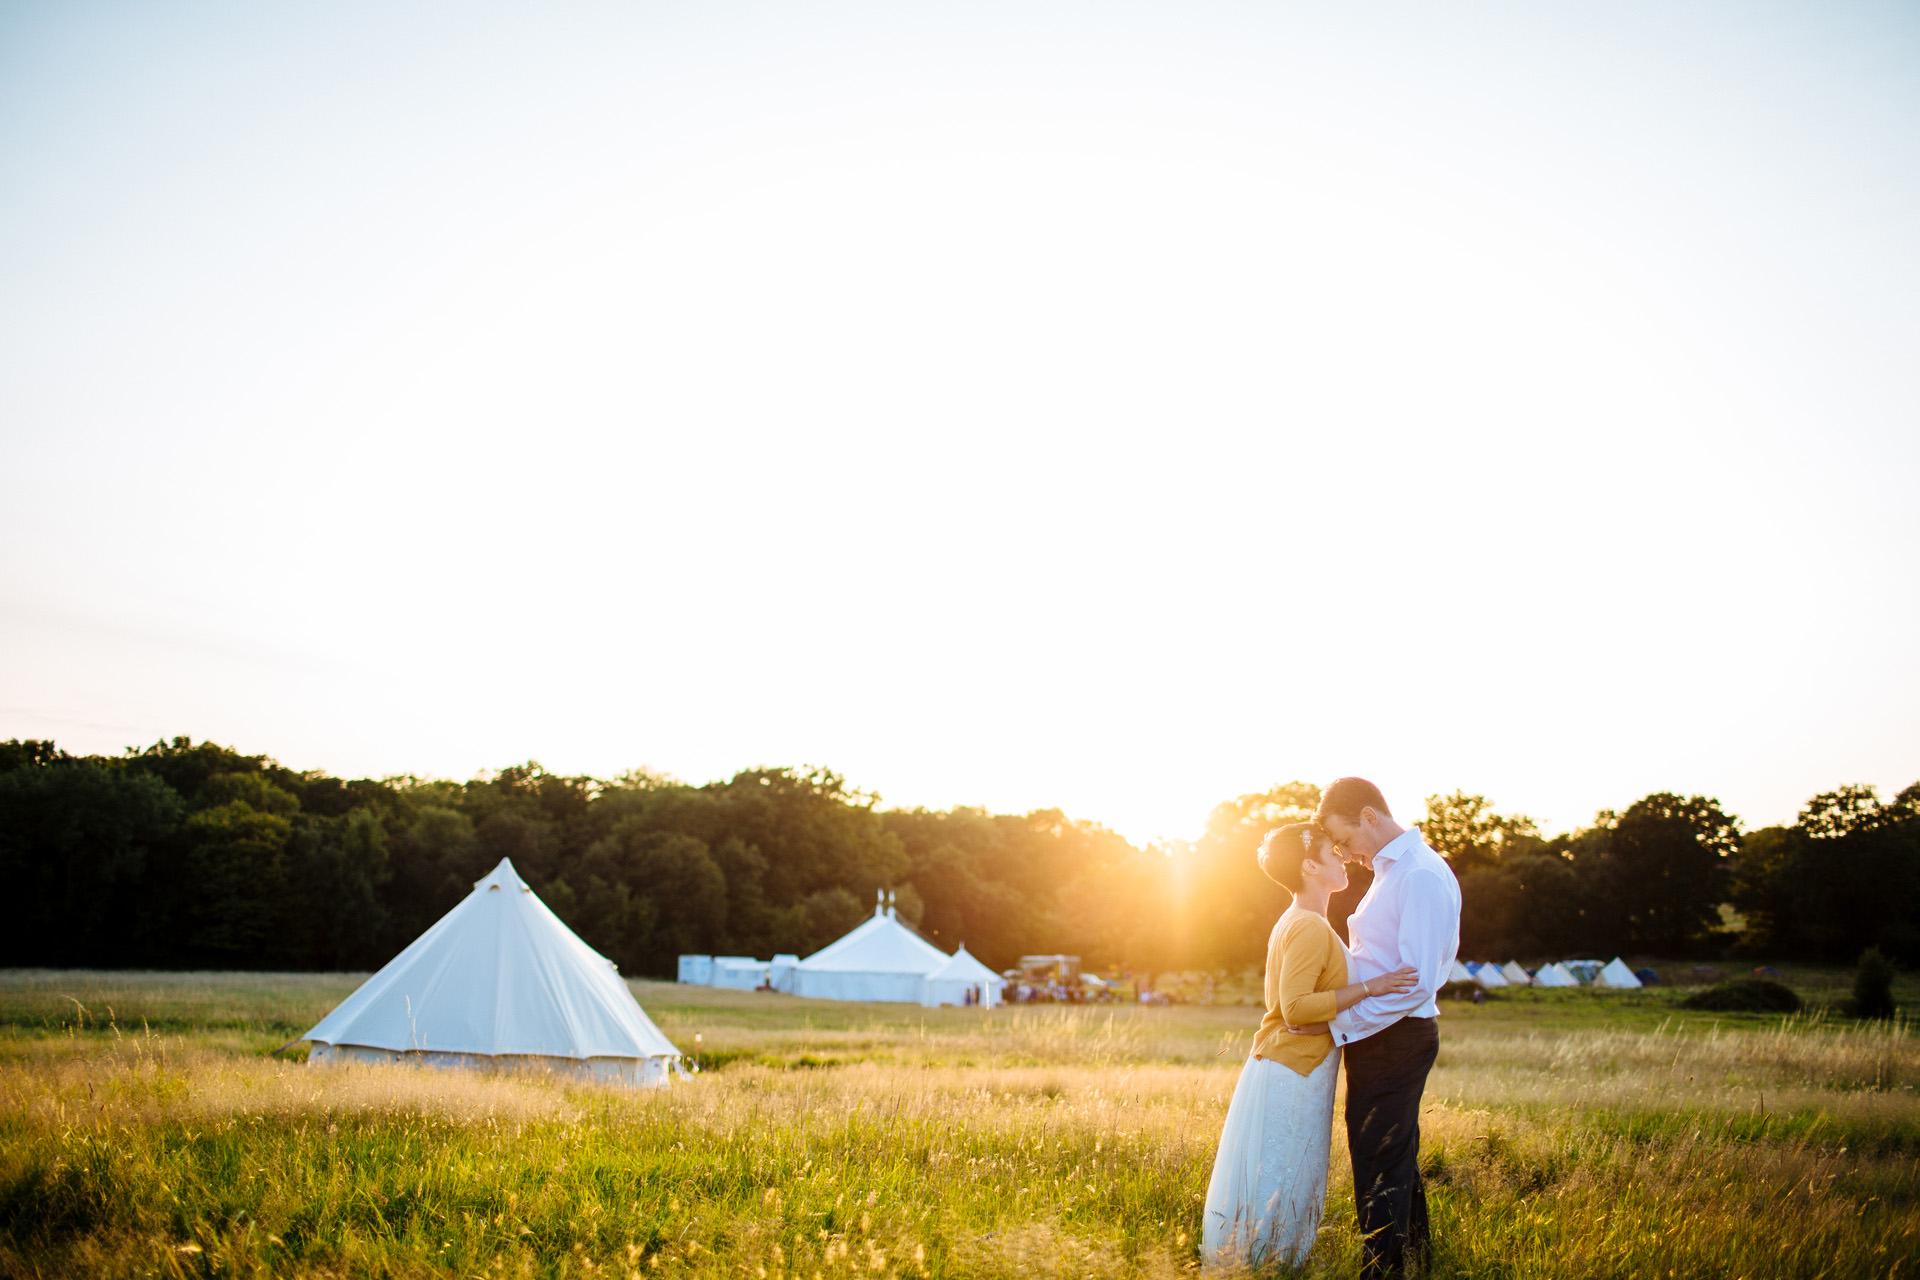 festival wedding sunset